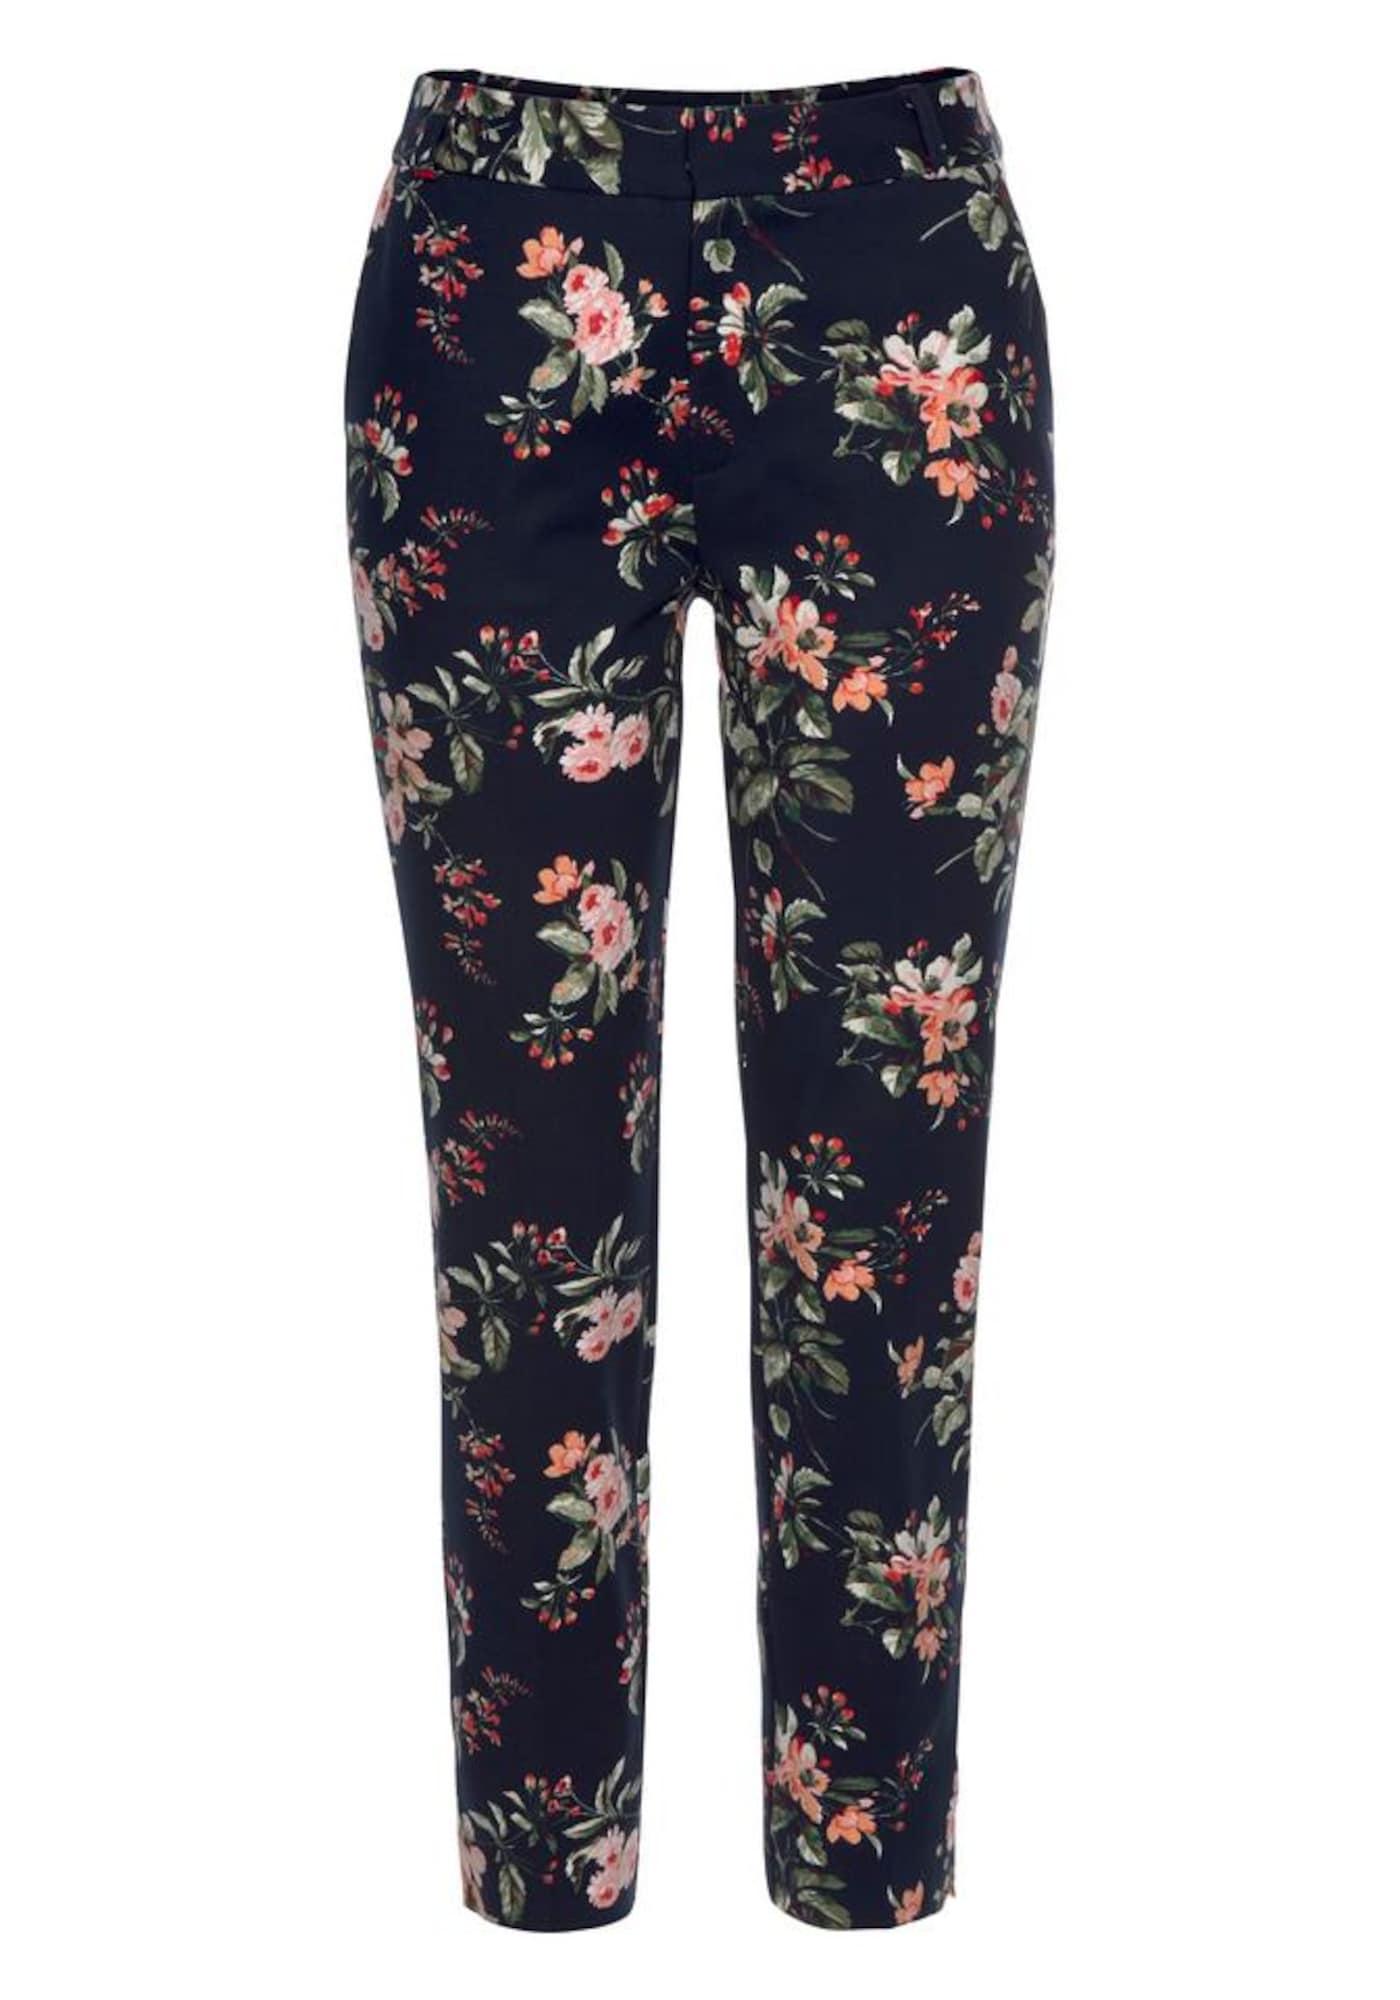 Bügelfaltenhose 'Flora' | Bekleidung > Hosen > Bügelfaltenhosen | ZABAIONE